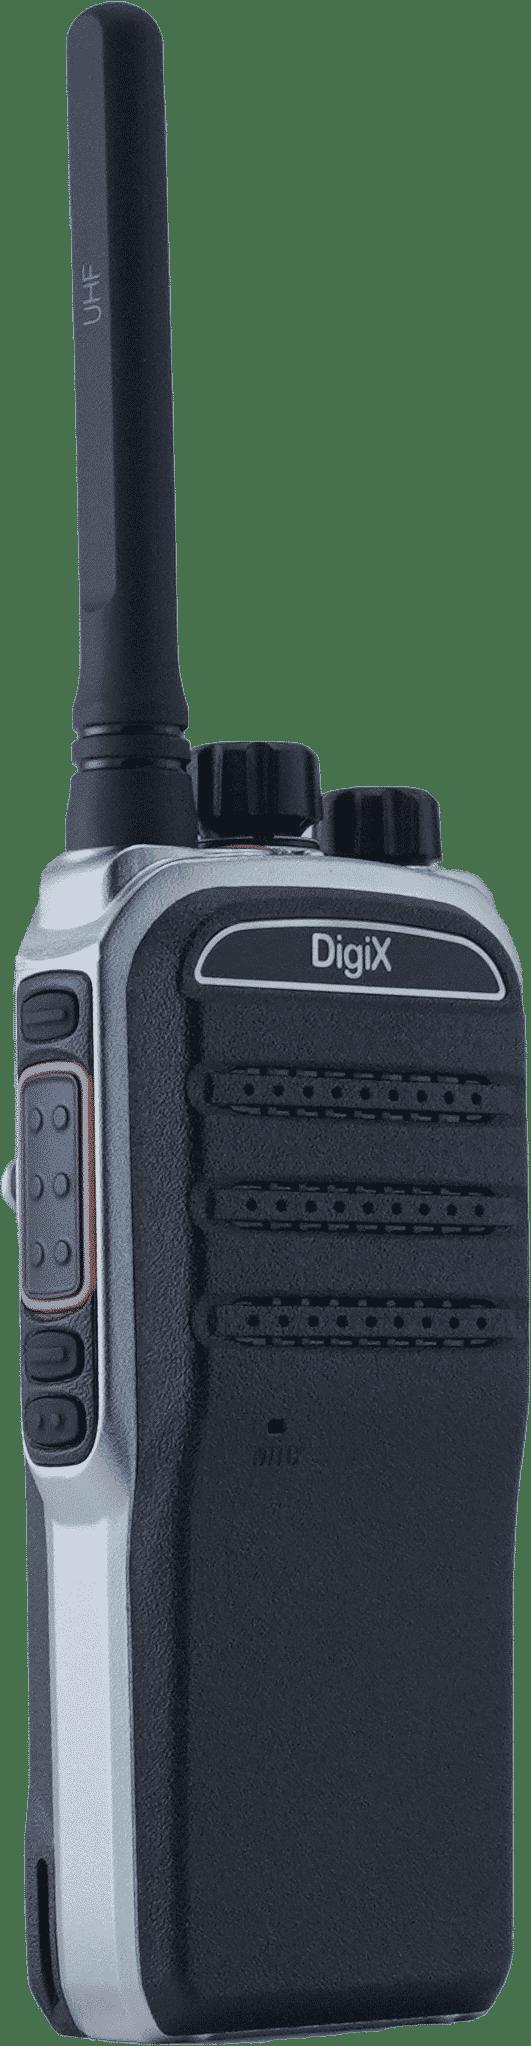 _0005_DigiX-Link-DMR-Digital-Portable-Radio-front